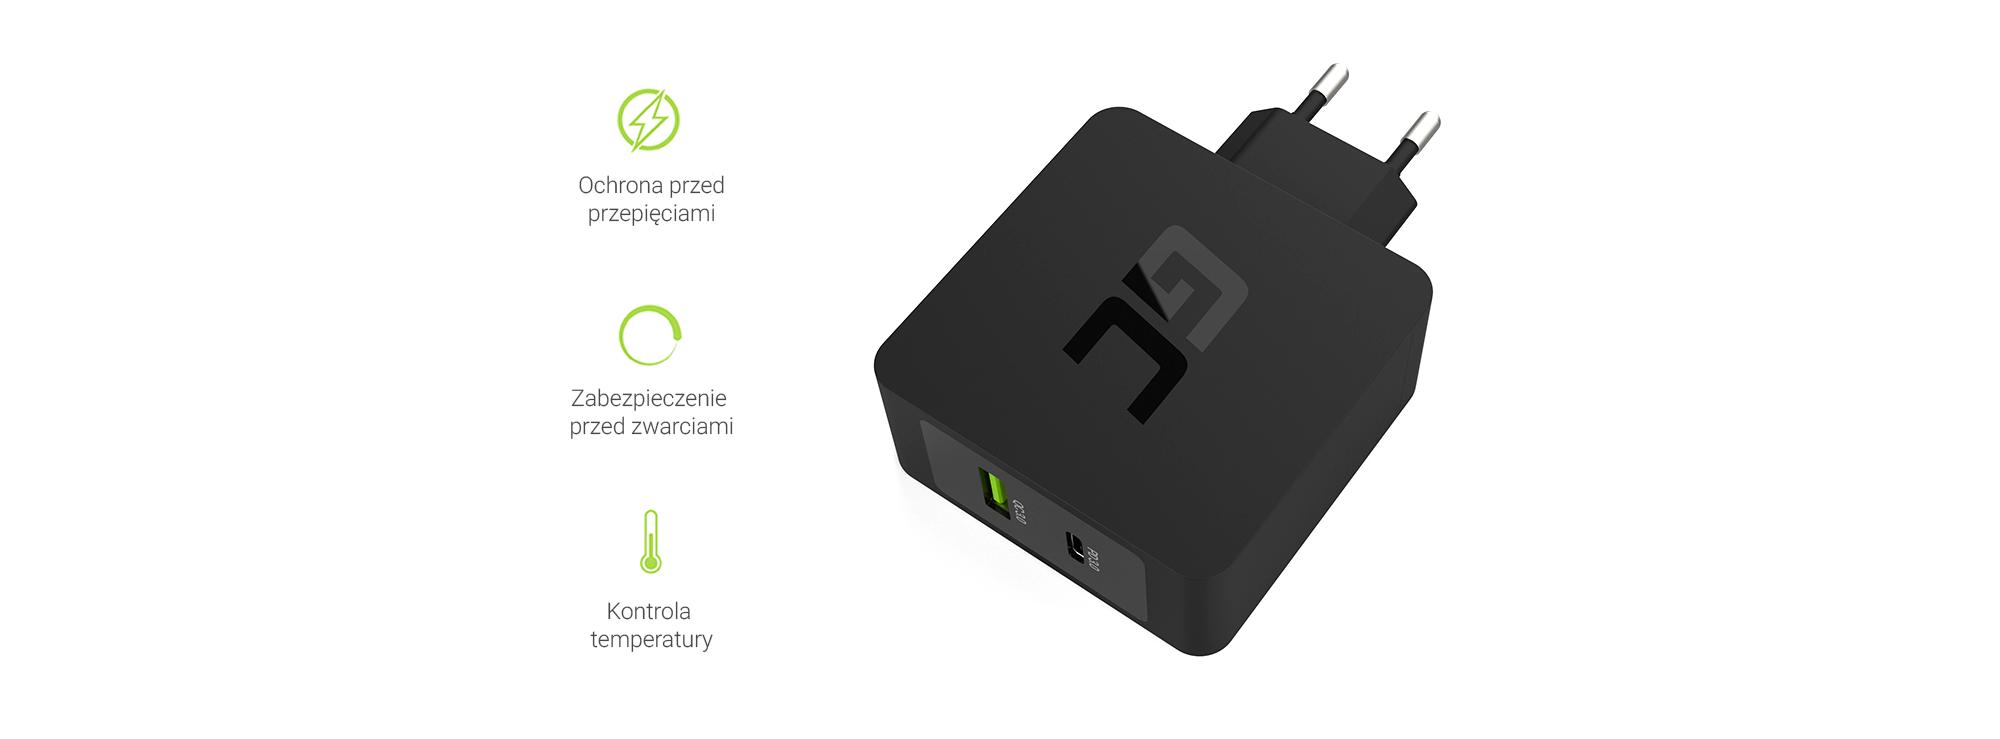 Ładowarka USB-C Power Delivery 30W - Zabezpieczenia